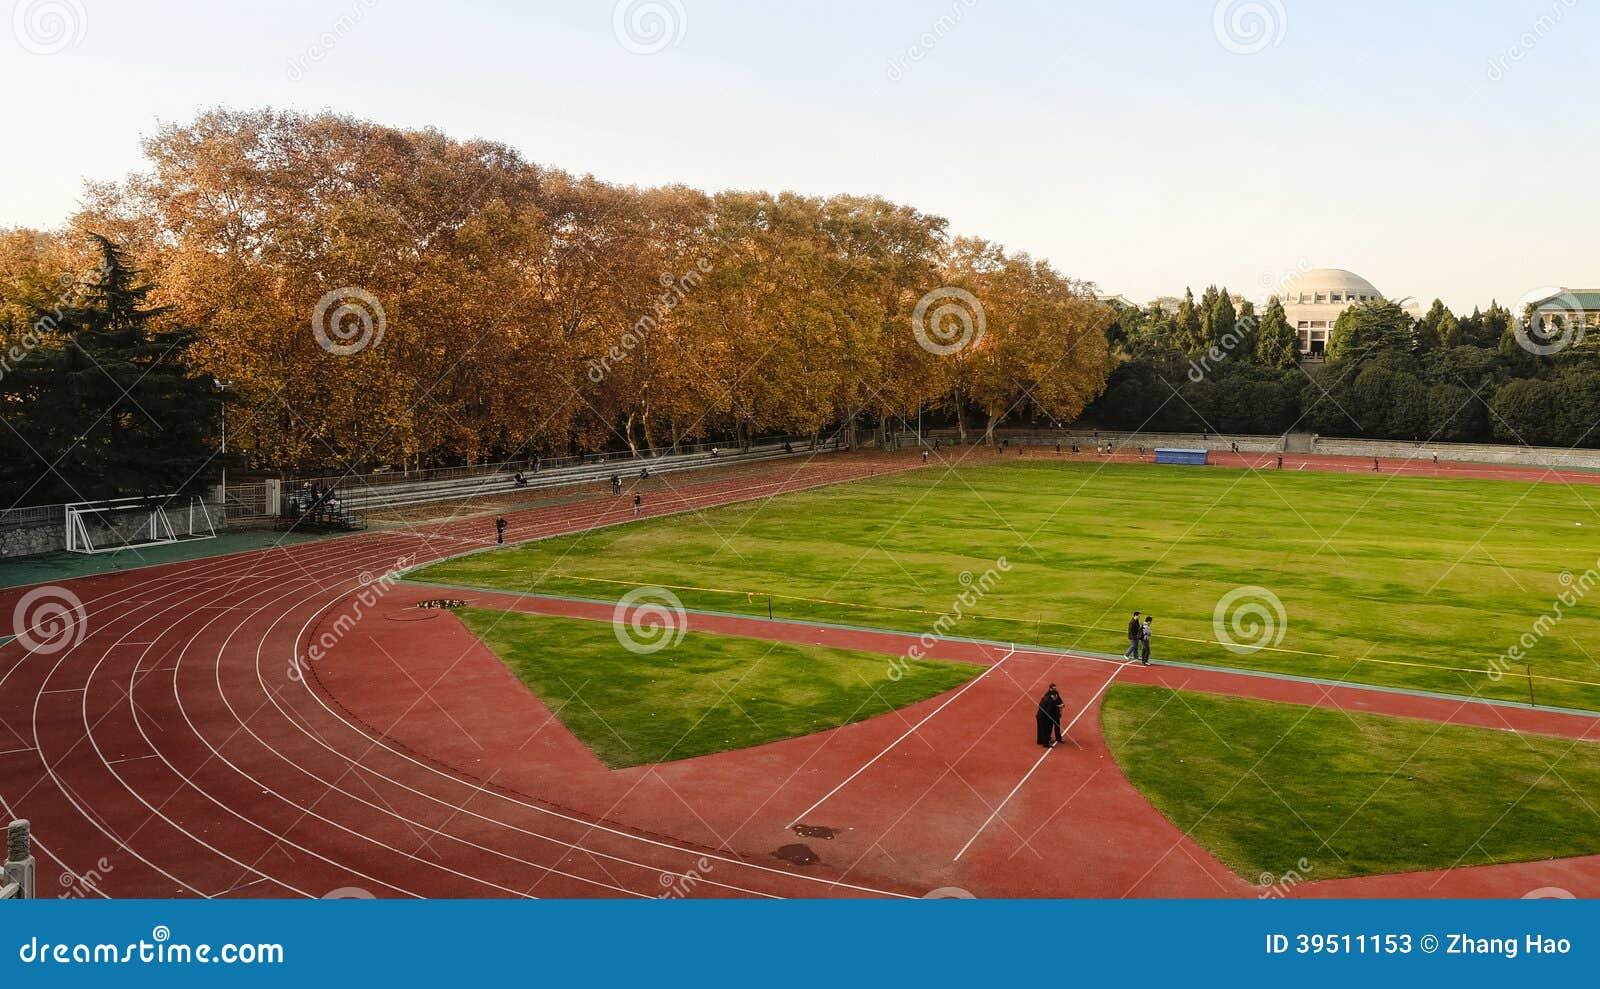 The most beautiful university---wuhan university